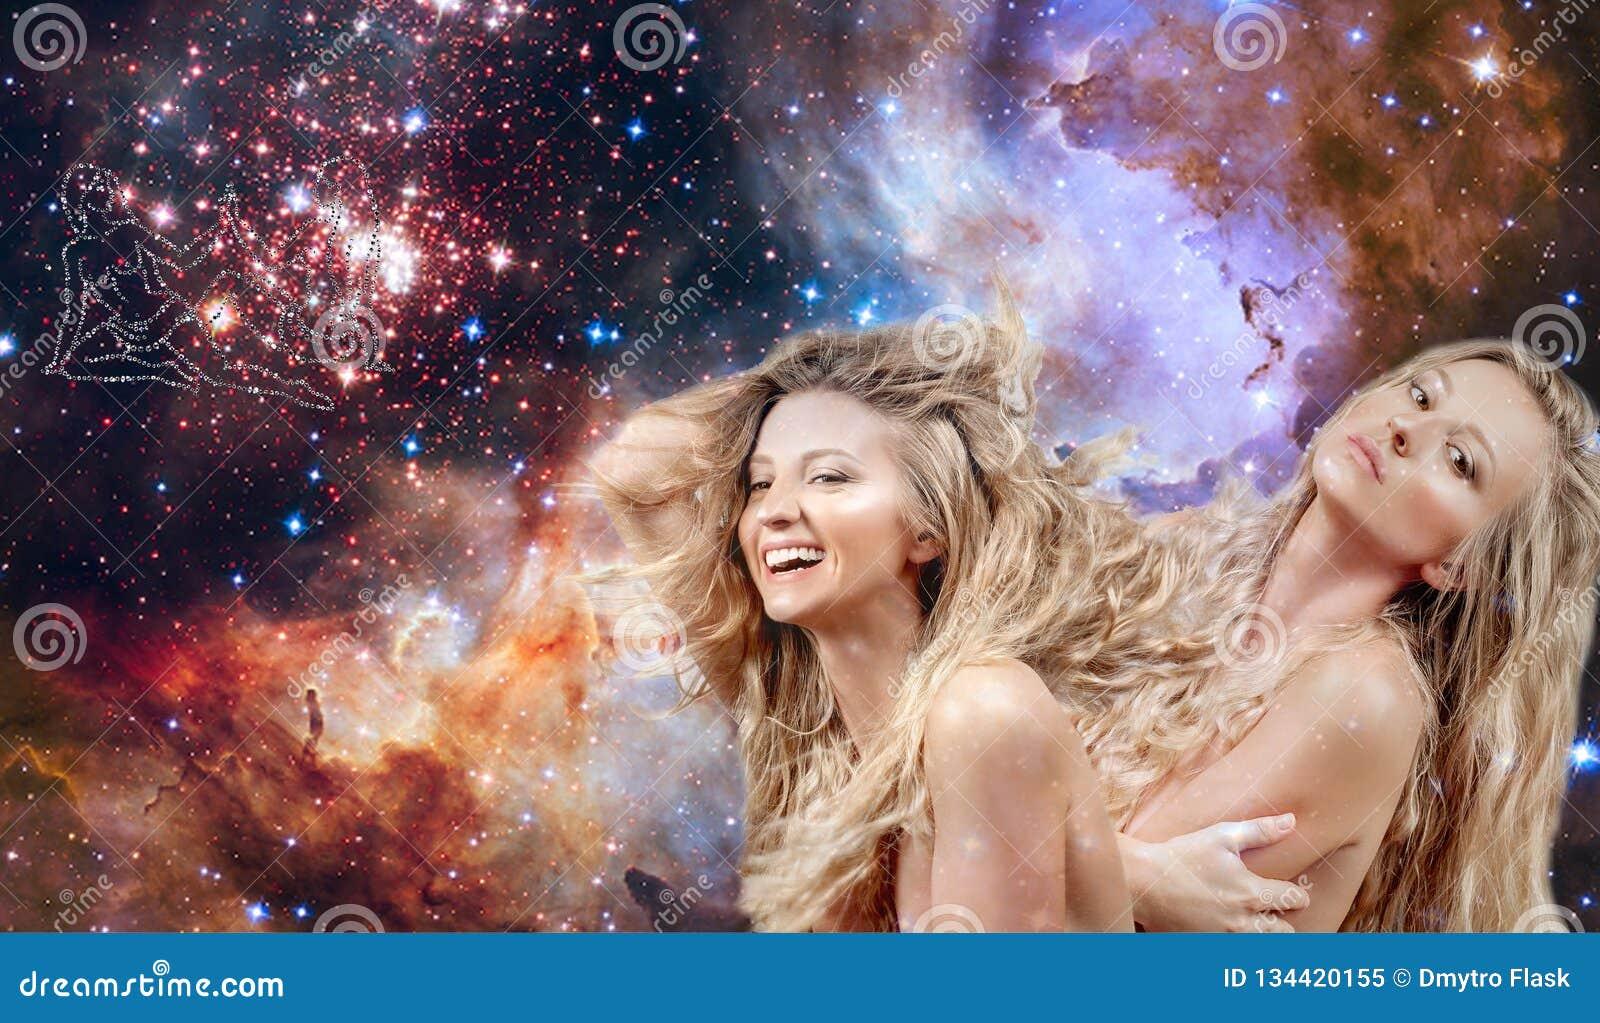 Signe de zodiaque de Gémeaux Astrologie et horoscope, beaux Gémeaux de femme sur le fond de galaxie